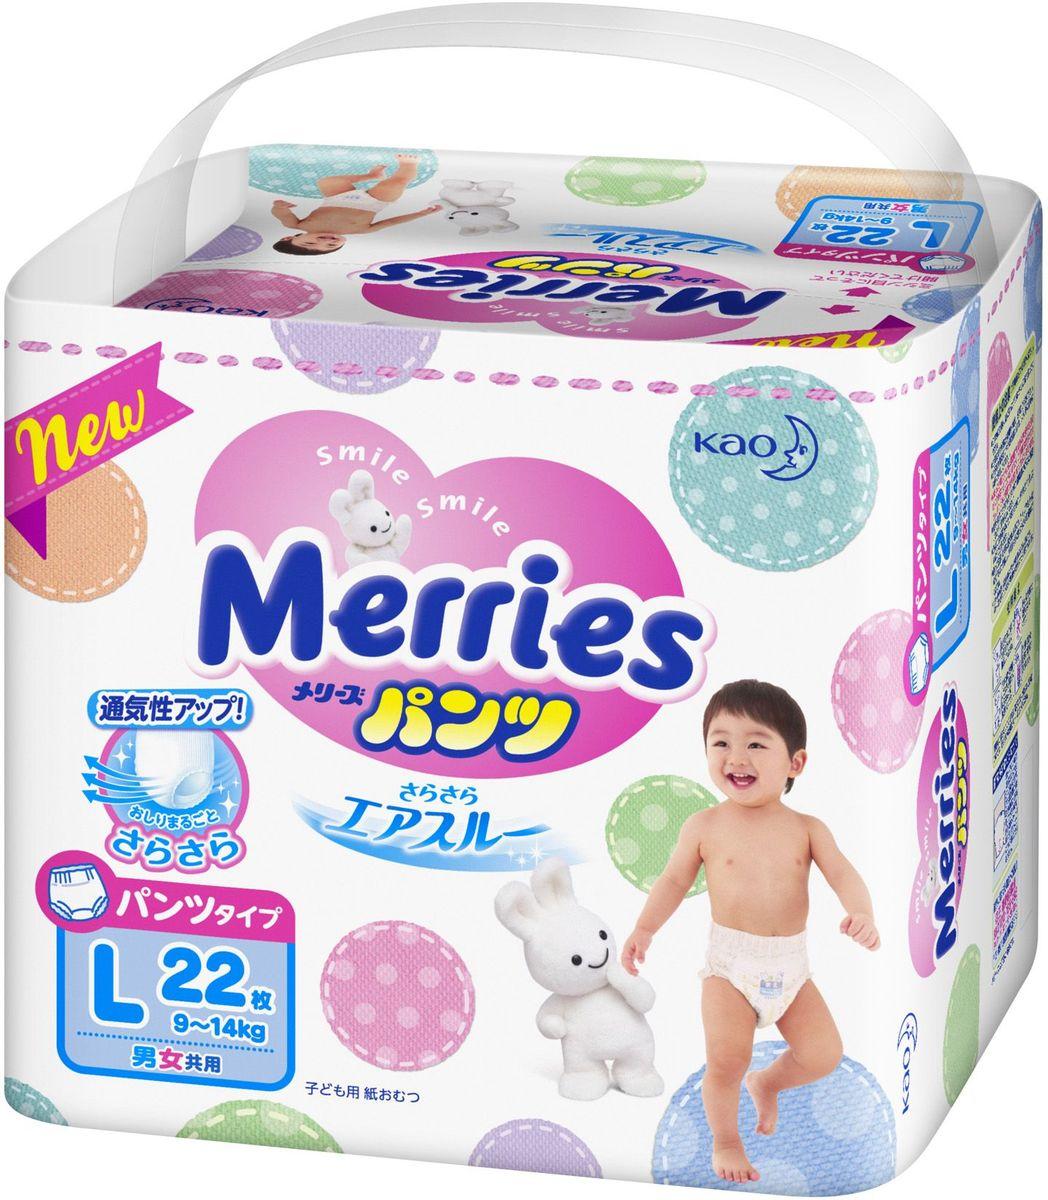 Merries Подгузники-трусики L 9-14 кг 22 шт62020406Дышащие трусики Merries L 9-14 кг прекрасно подойдут для активных малышей! Пусть все 24 часа малыш проводит с удовольствием. Надежный впитывающий слой защитит от протекания. Его блочная структура быстро впитывает мочу и запирает ее внутри, при этом сильно не увеличиваясь в размерах и не мешая движениям малыша. Специальные дышащие воздушные каналы вдоль пояса малыша вдобавок к эффекту дышащей внешней поверхности, выводят тепло и влагу из трусиков. Даже если малыш увлеченно играет, его попка остается сухой. Новый, еще более мягкий материал вокруг ножек и вдоль пояса подстраивается под движения малыша, не натирает и не давит, обеспечивая комфорт и свободу движений. Инновационный ультразвуковой метод соединения боковых швов делает шов более мягким, а разрывать его теперь ещё легче! Симпатичный дизайн с зайкой Merries подарит малышу хорошее настроение. А если две центральные полоски индикатора окрасятся в синий цвет -...